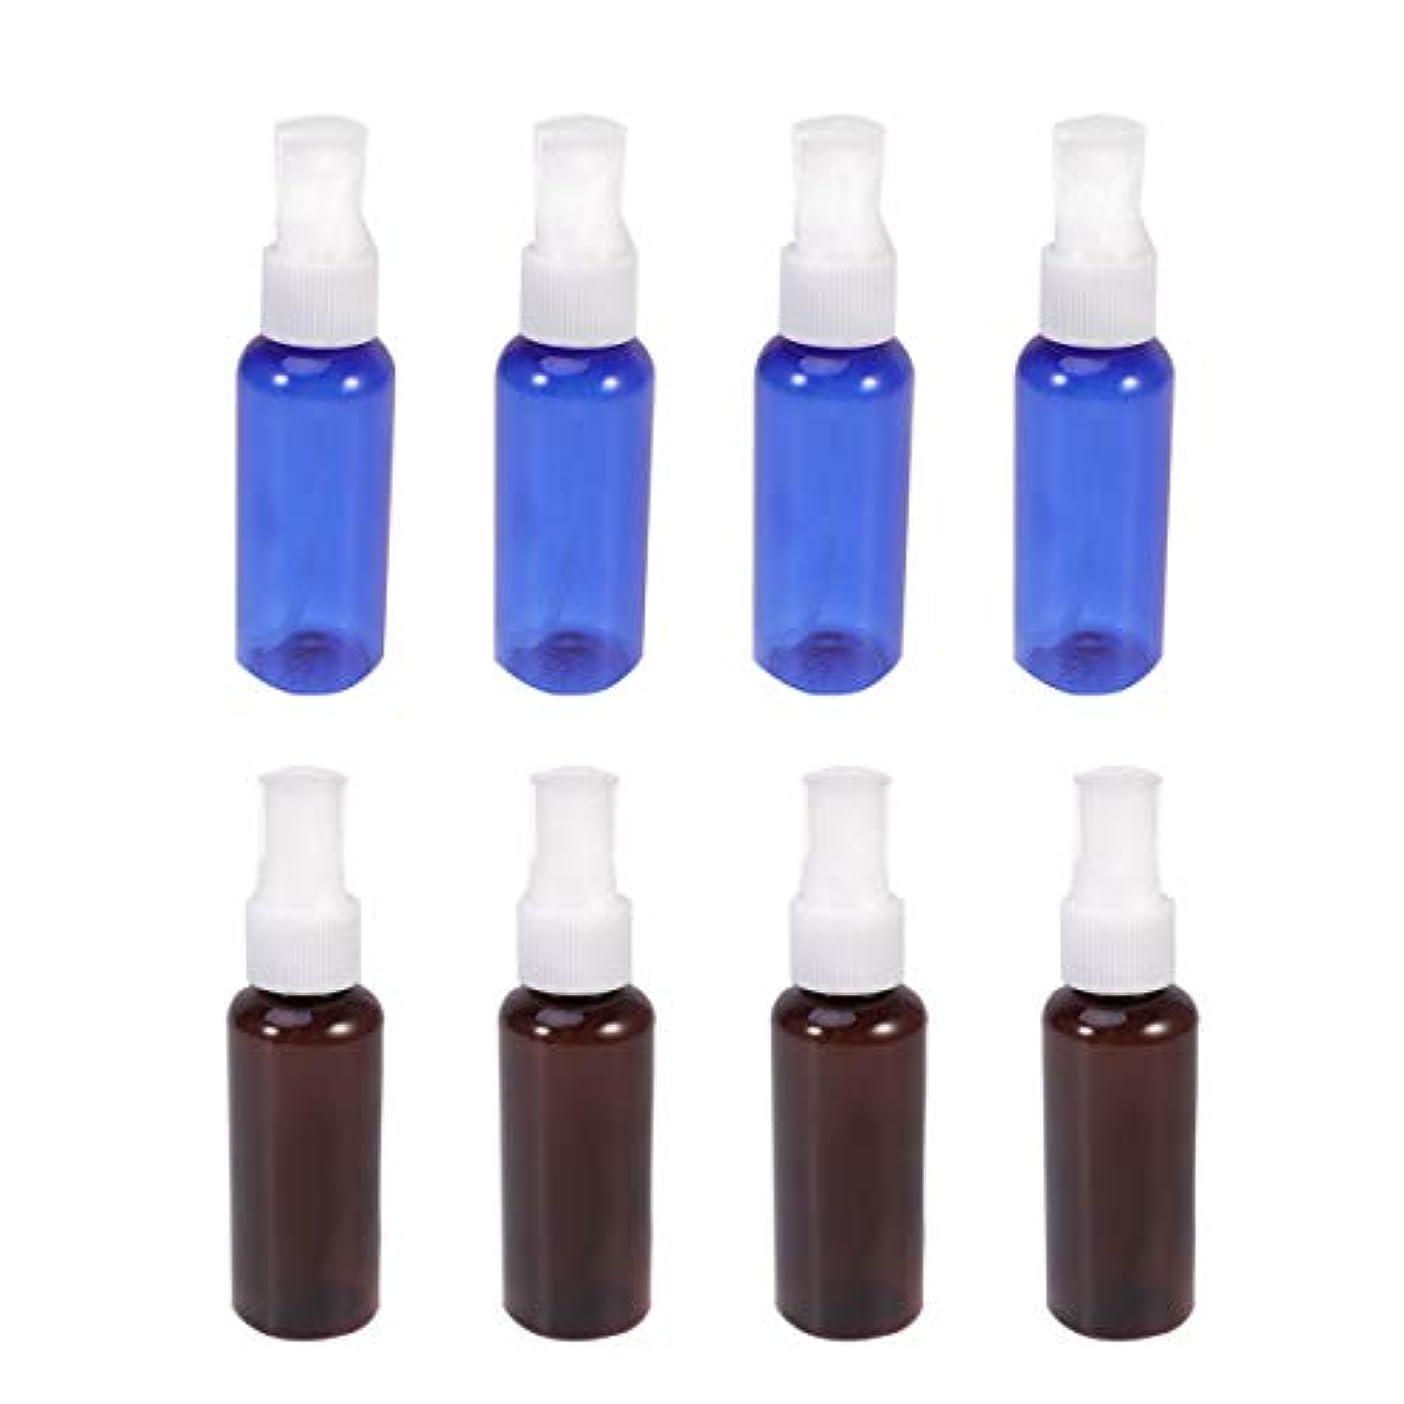 運命女の子悔い改めるLurrose 8個50 mlプラスチックスプレーボトルミニ空の香水瓶空の香水ポンプボトル(青と茶色)